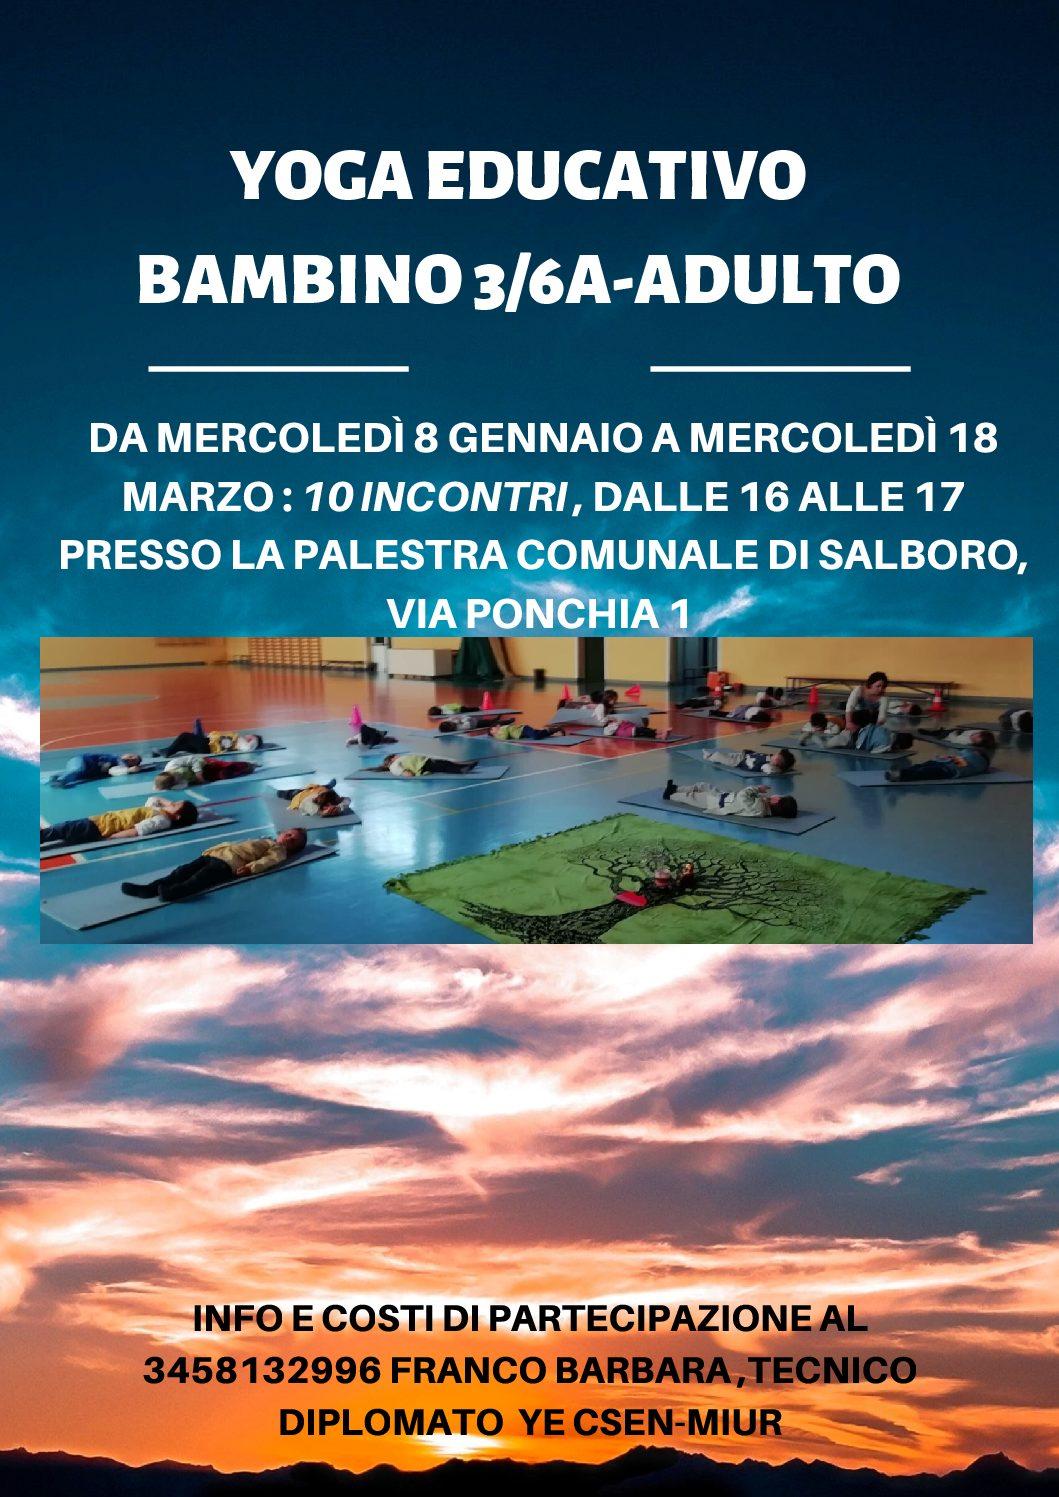 CICLO INCONTRI YOGA EDUCATIVO GENITORE-BAMBINO